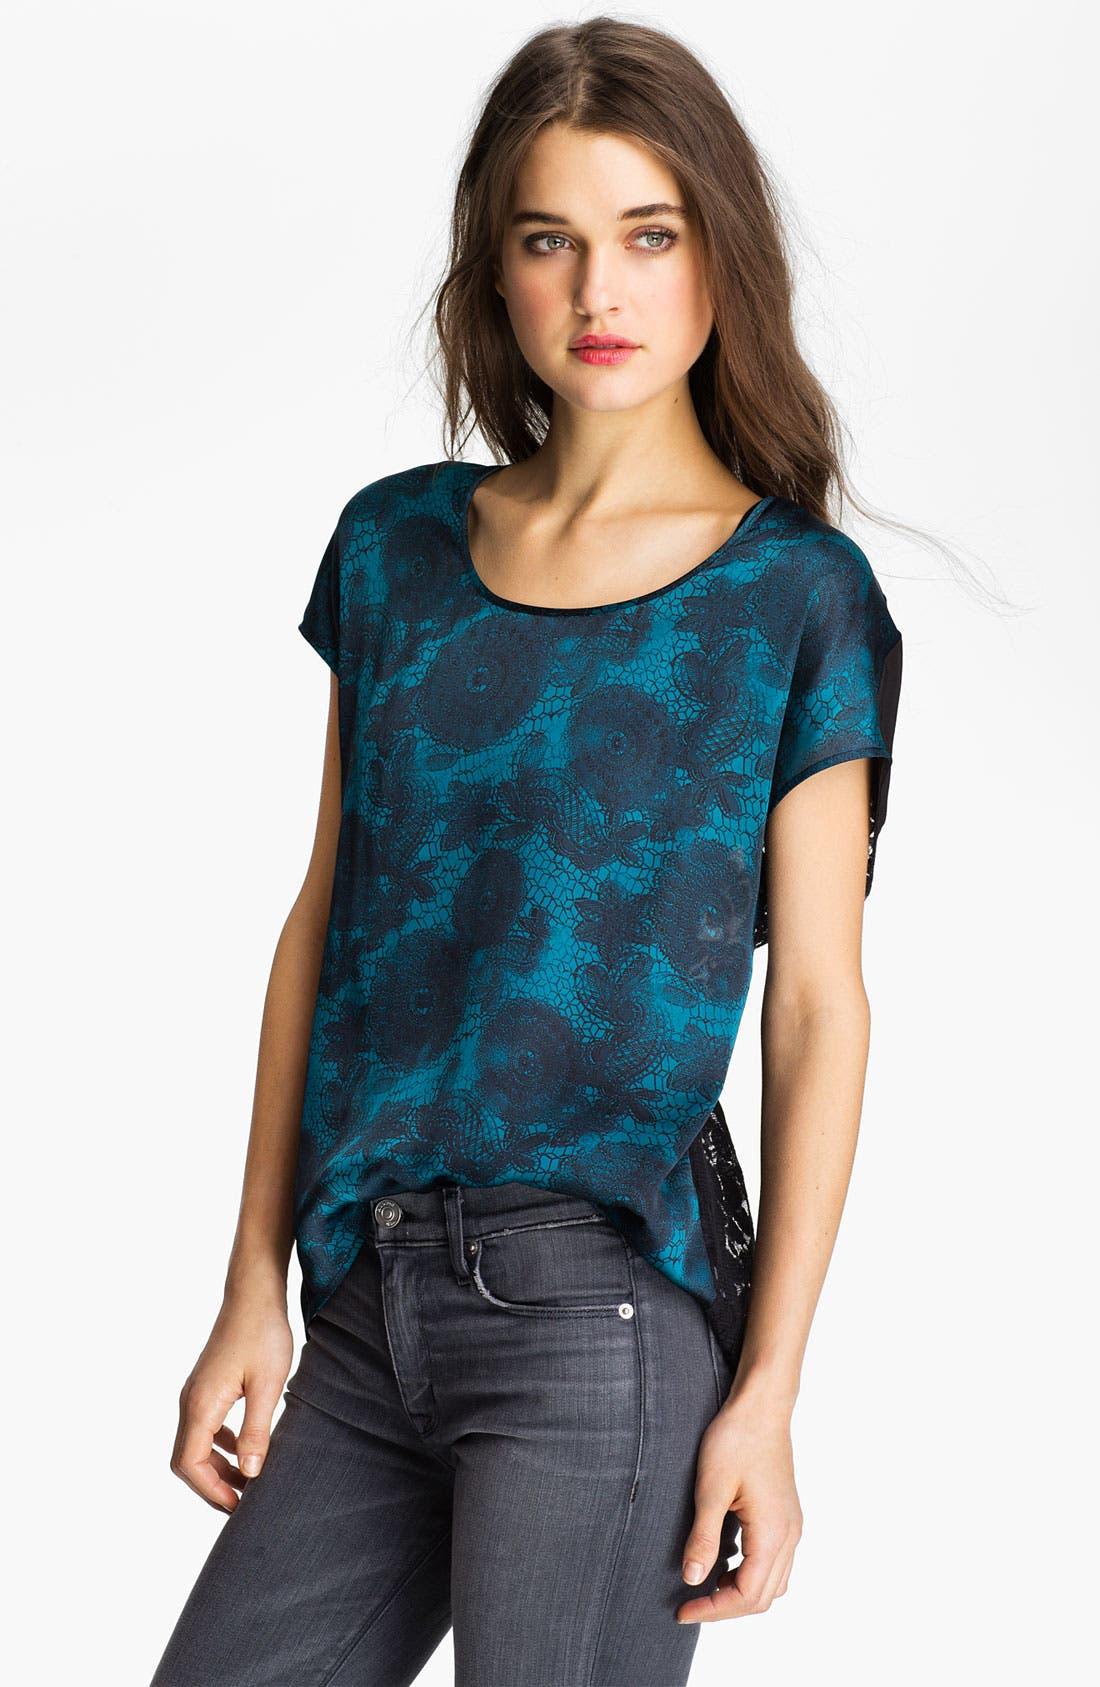 Main Image - Hinge® Mixed Media Lace Top